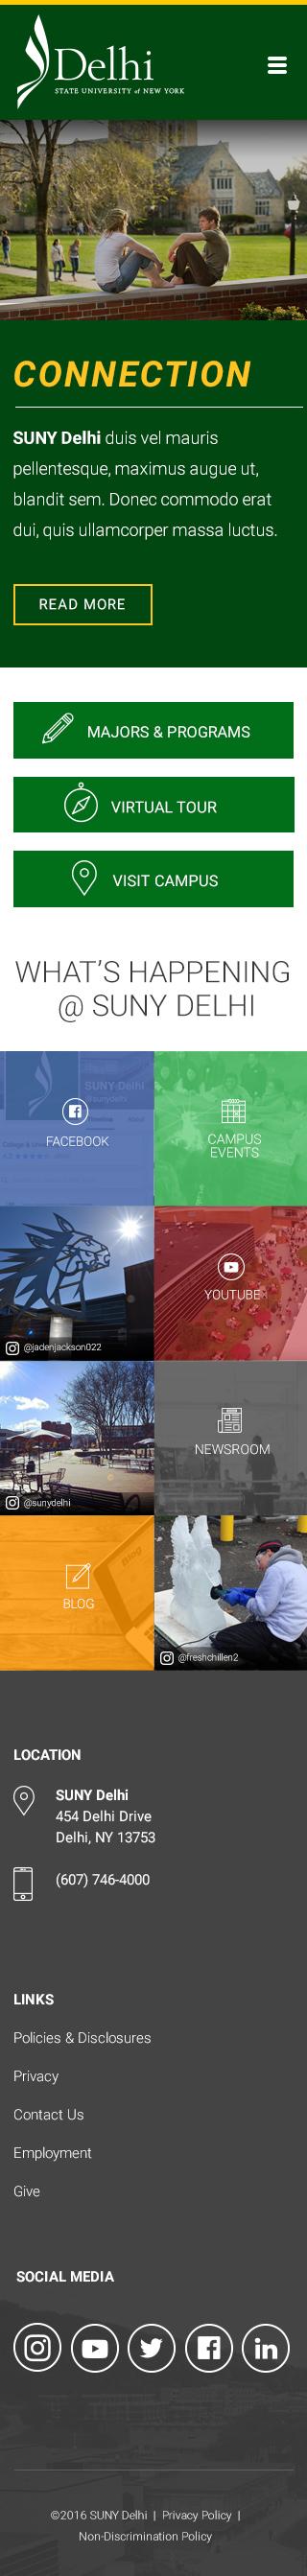 sunydelhi-homepage-tier-1-320-design2a